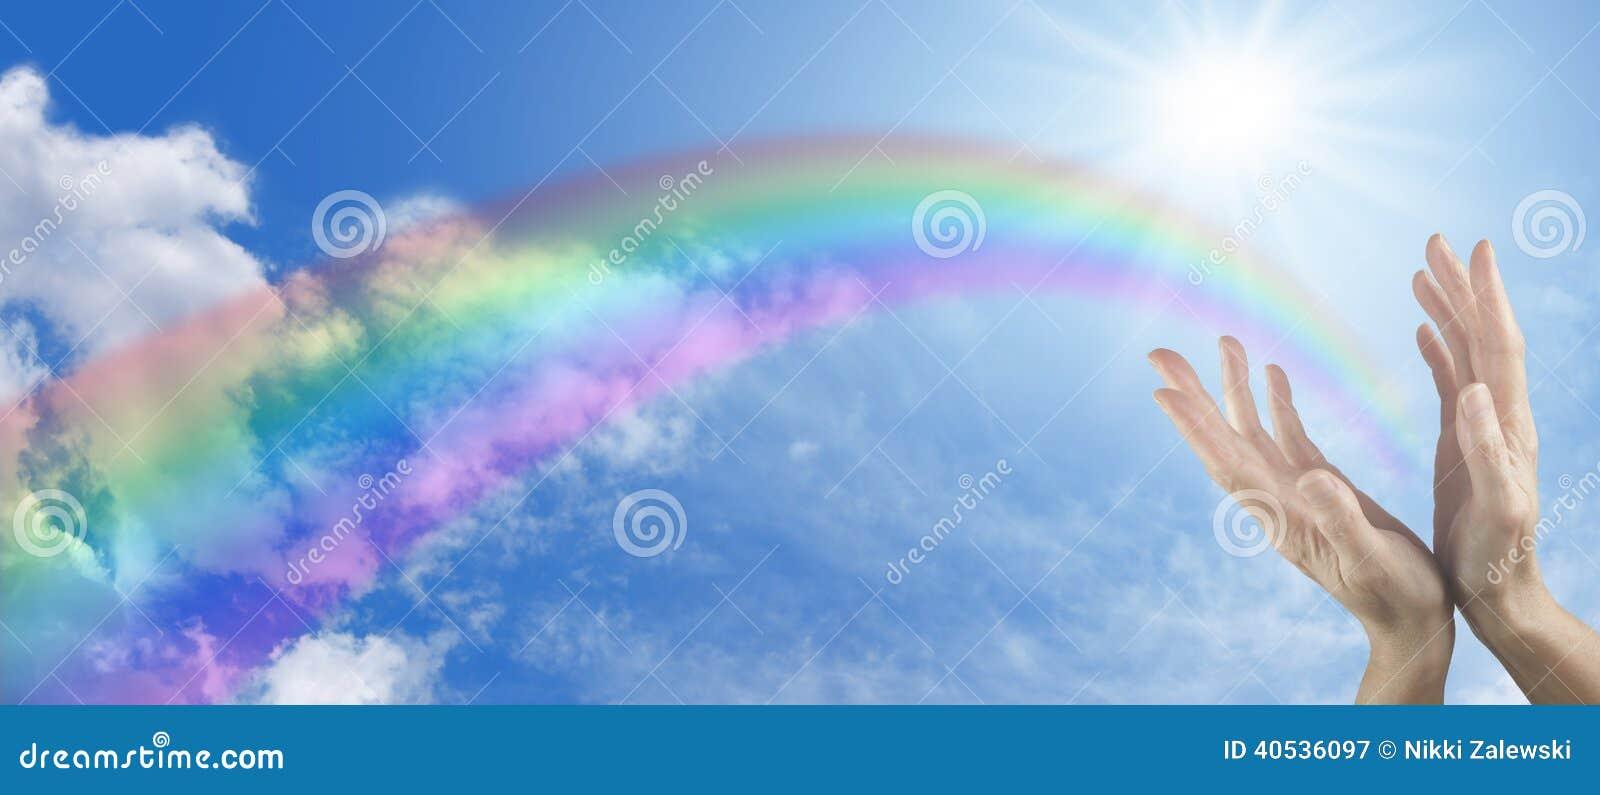 在蓝天和彩虹横幅的医治用的手